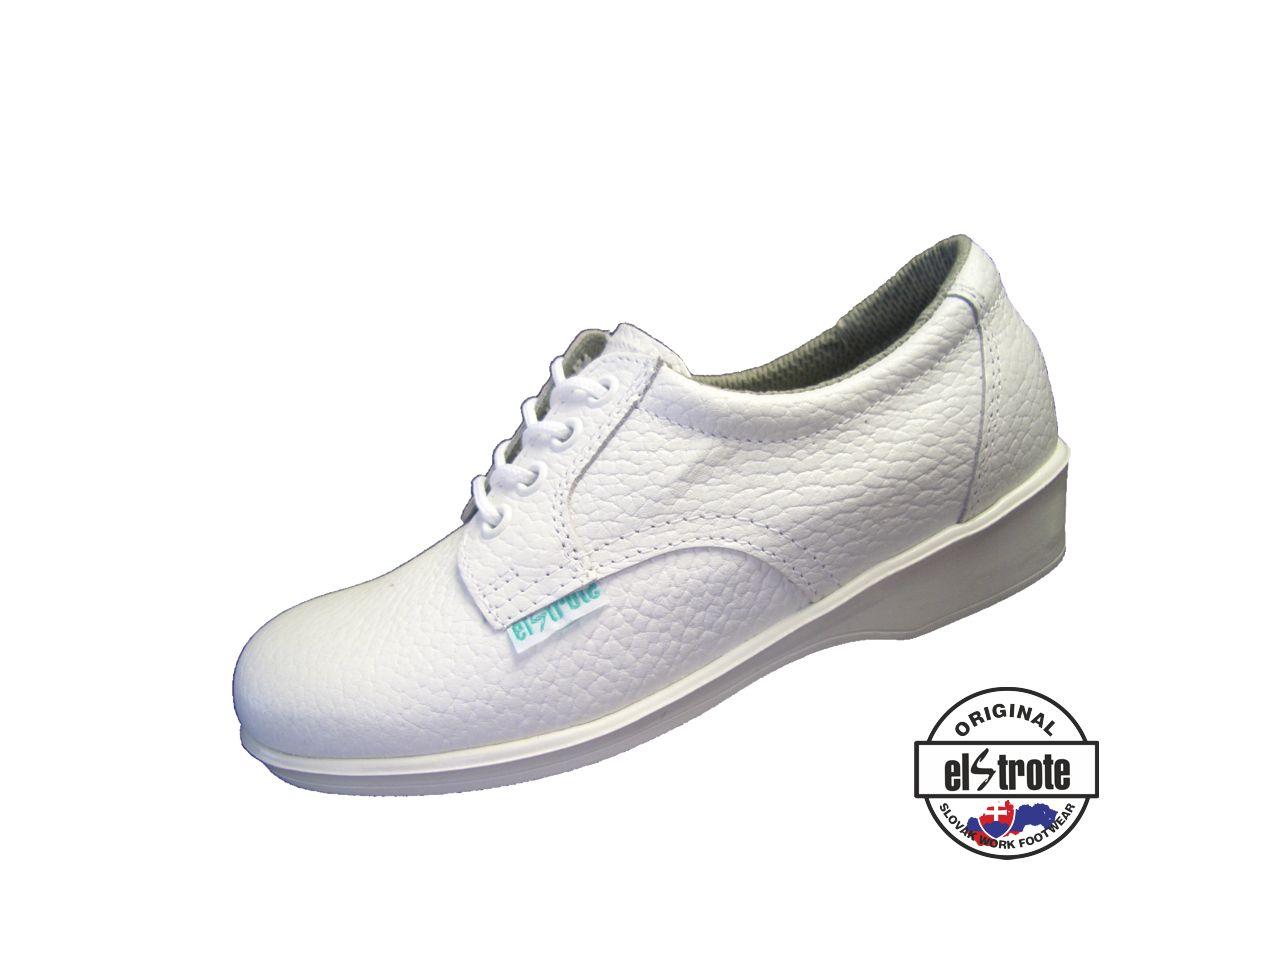 427f24da1d520 Zdravotná pracovná obuv classic - dámska perforovaná poltopánka - 91 512  PER Kli